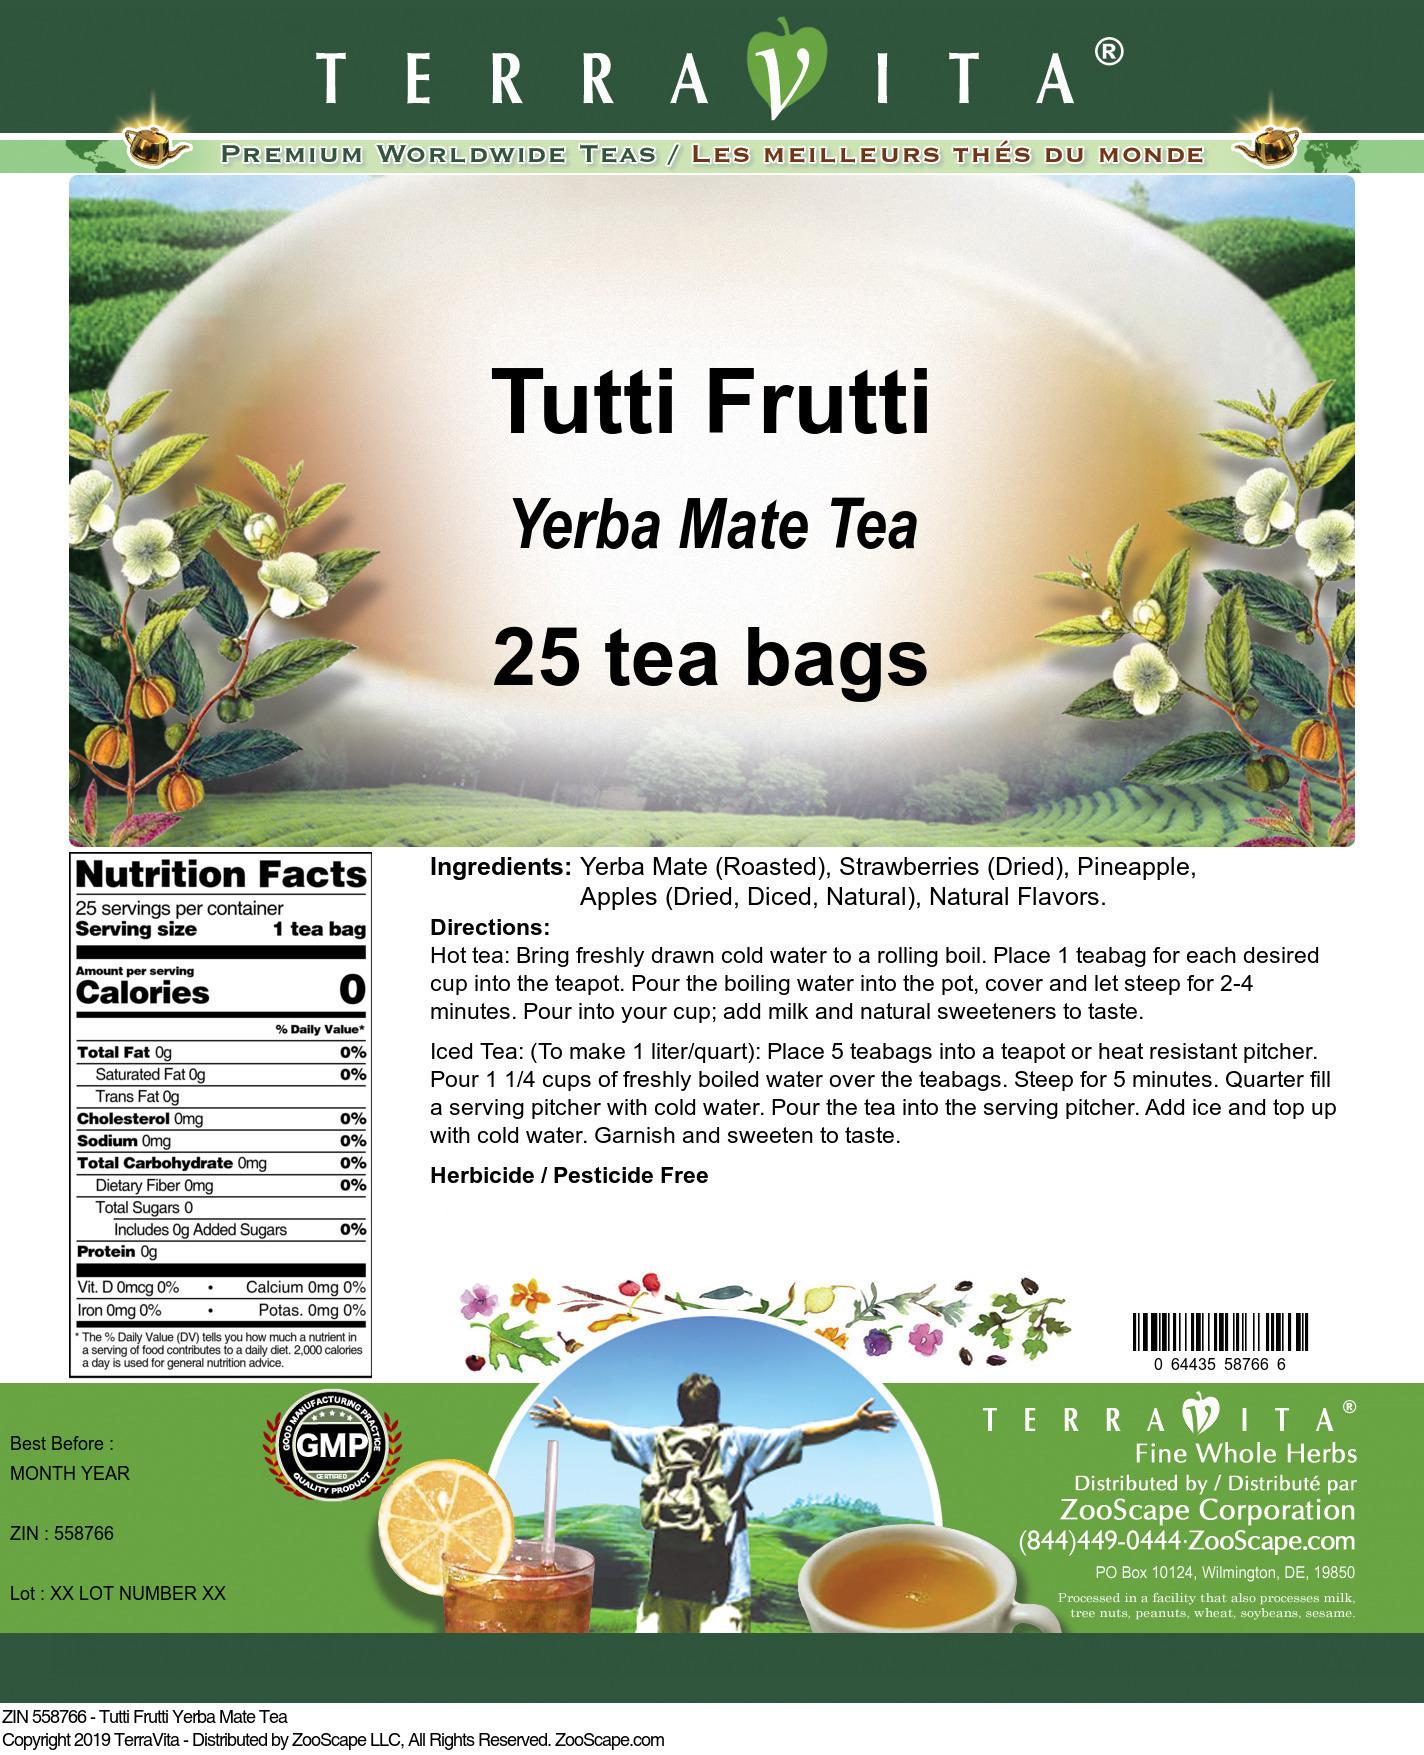 Tutti Frutti Yerba Mate Tea